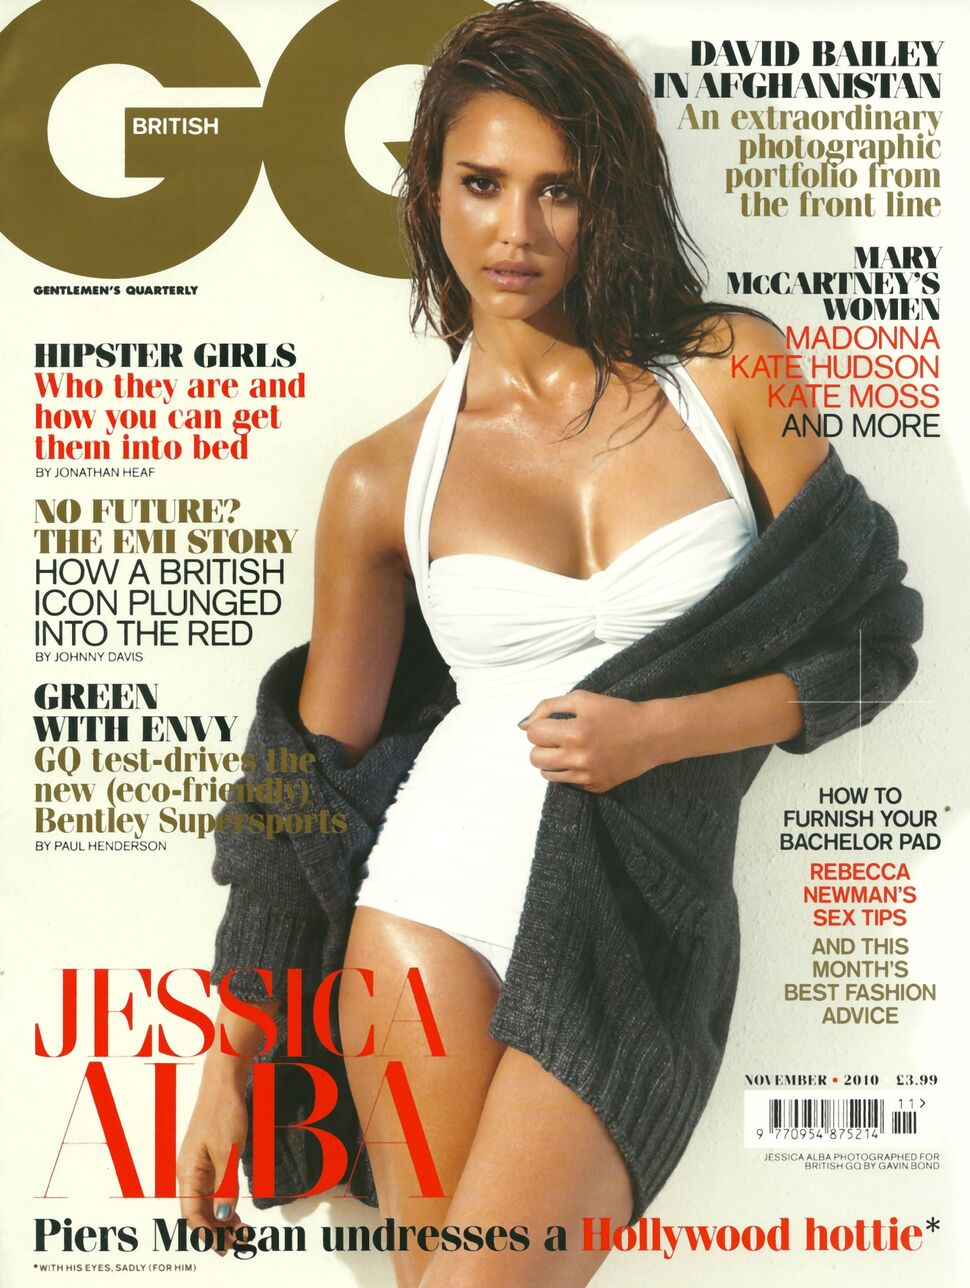 Джессика Альба в журнале GQ UK. Ноябрь 2010